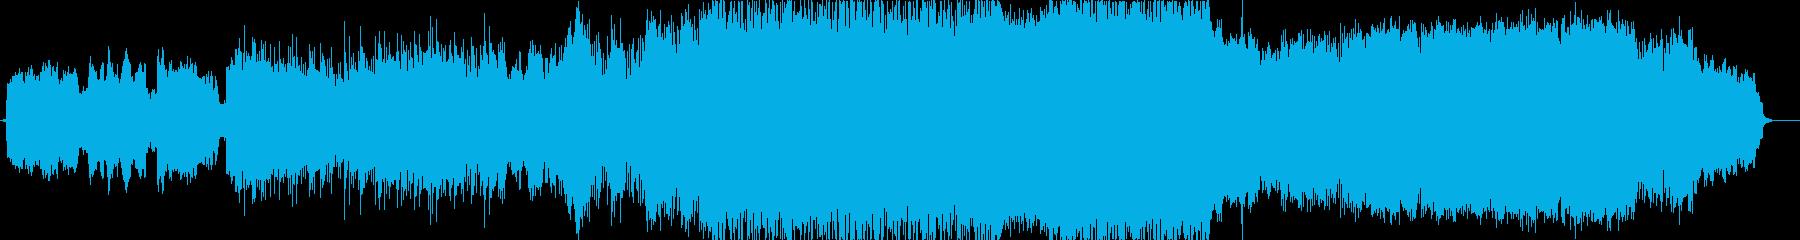 ドキュメンタリー。 U2の古い音。の再生済みの波形